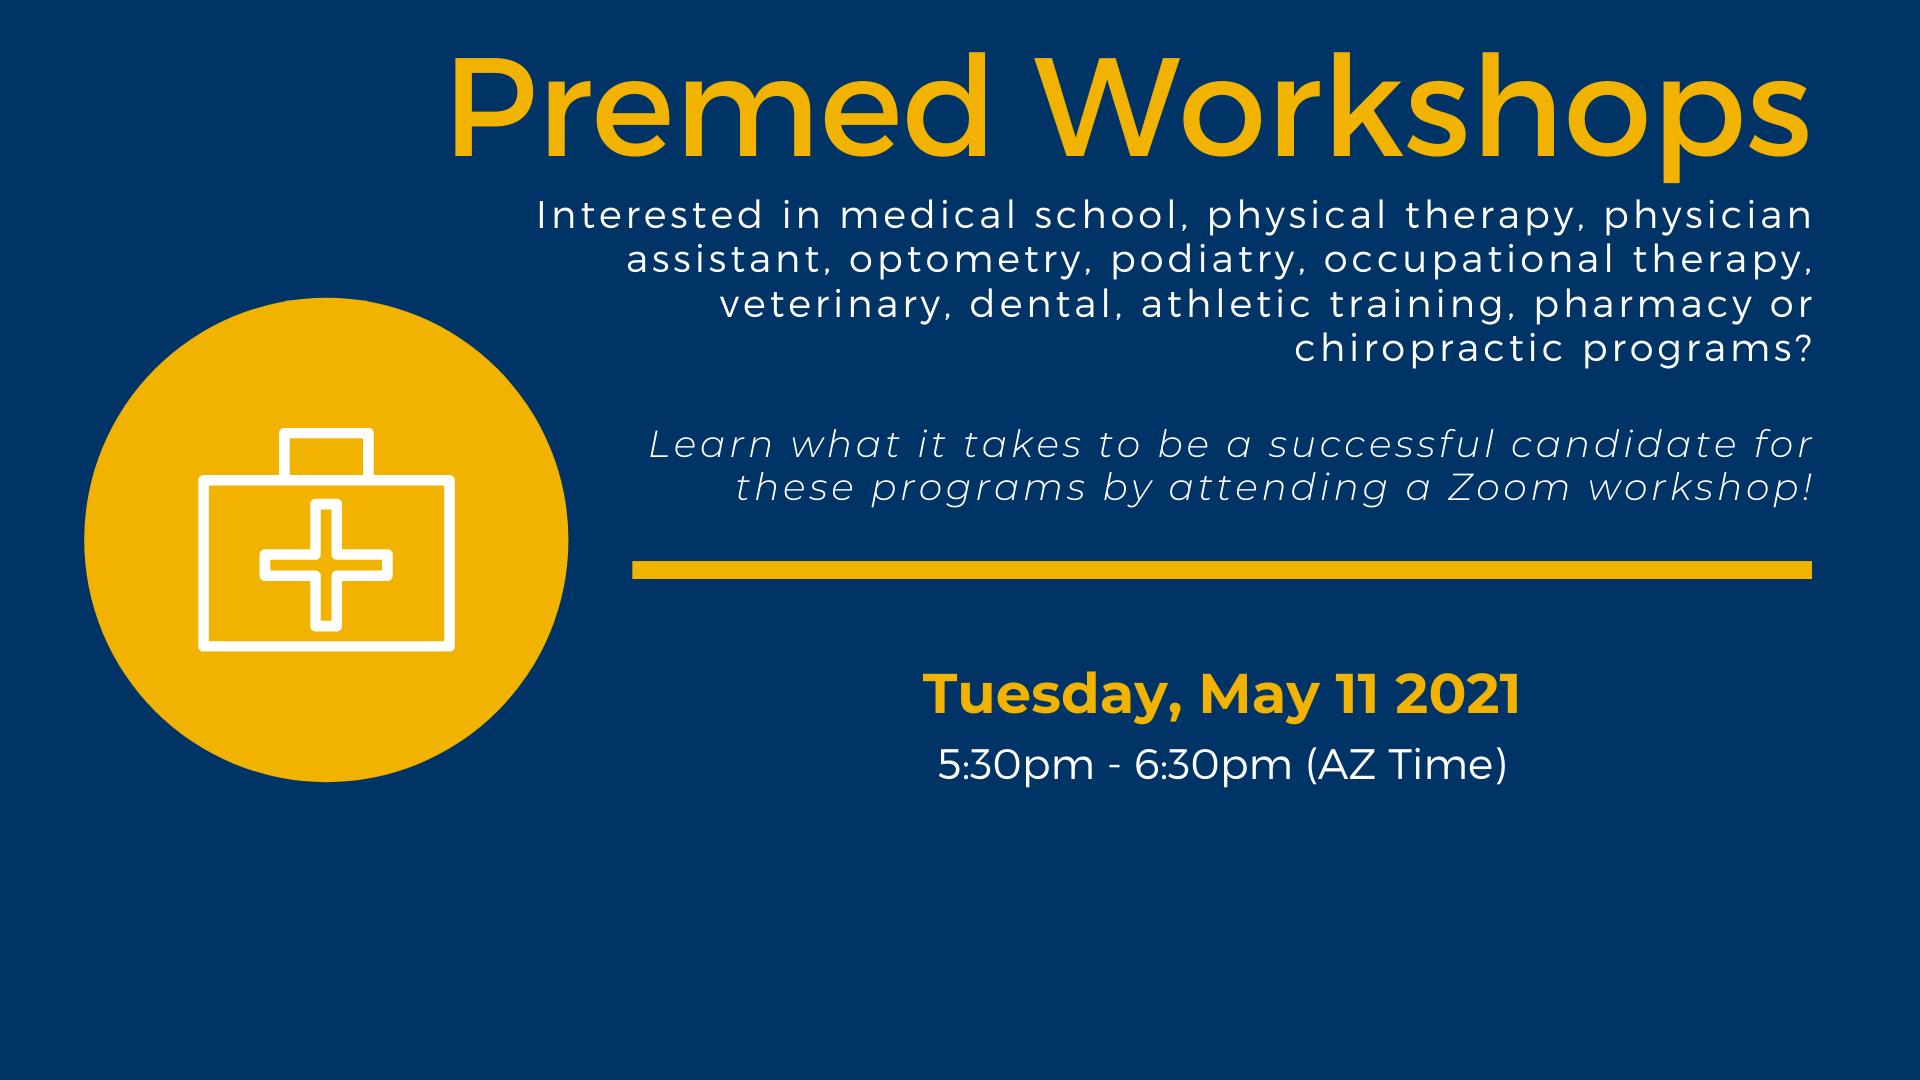 Premed Workshops 5.11